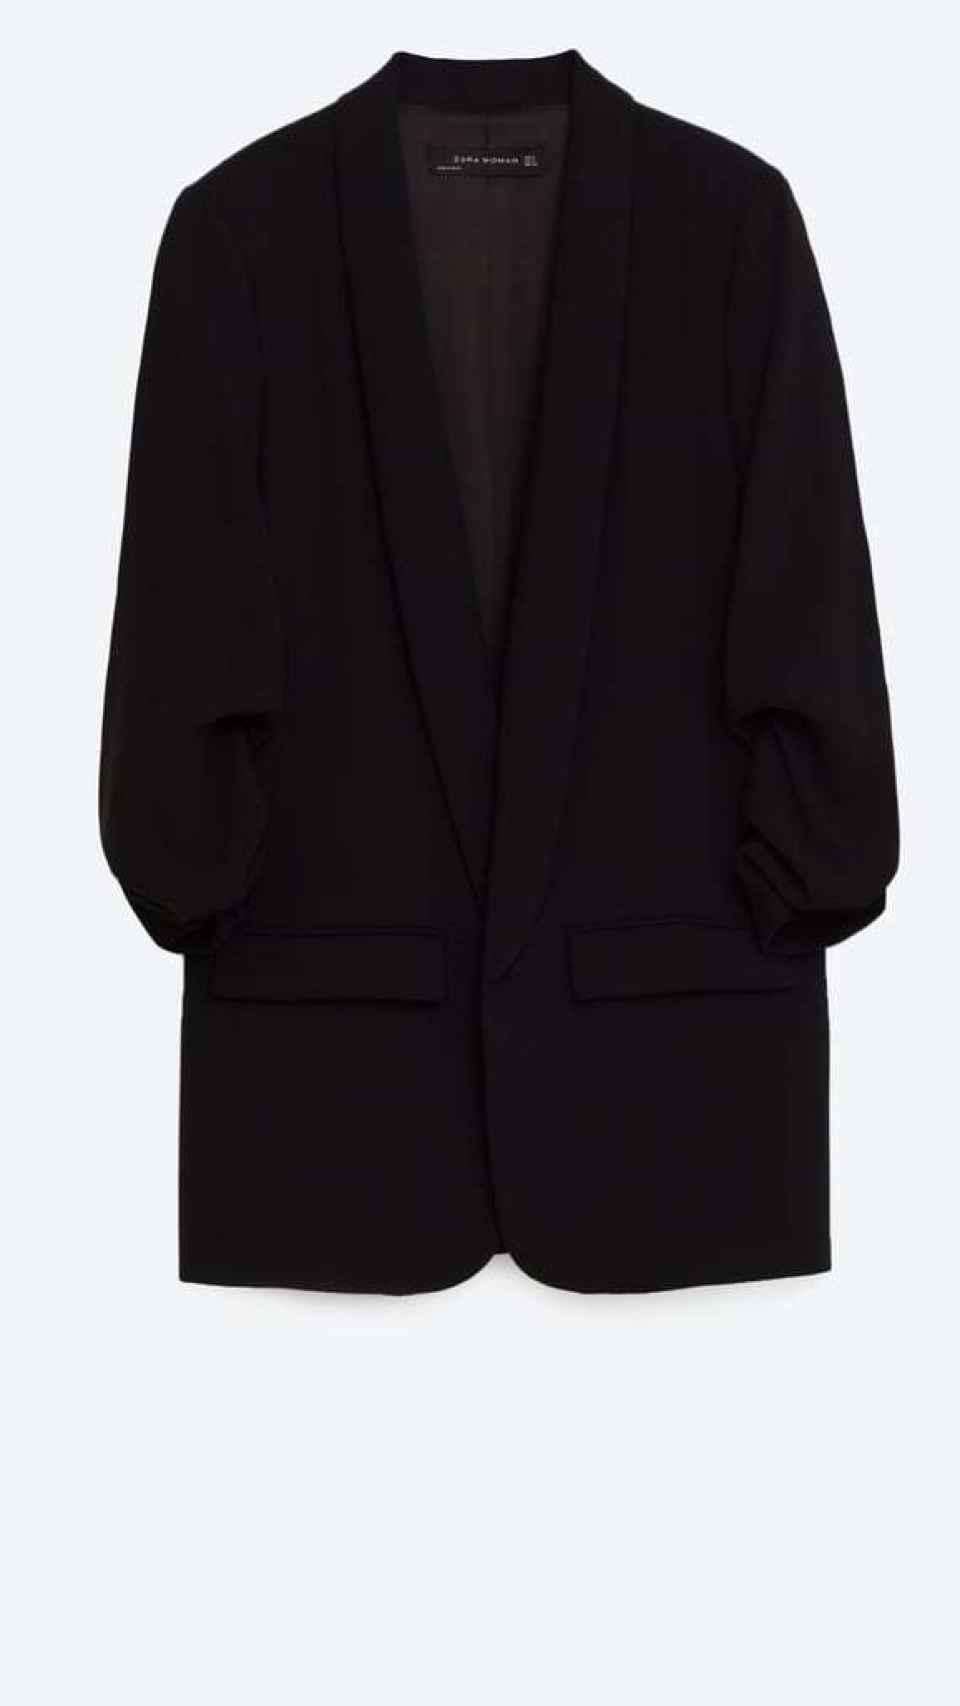 La blazer de Zara.